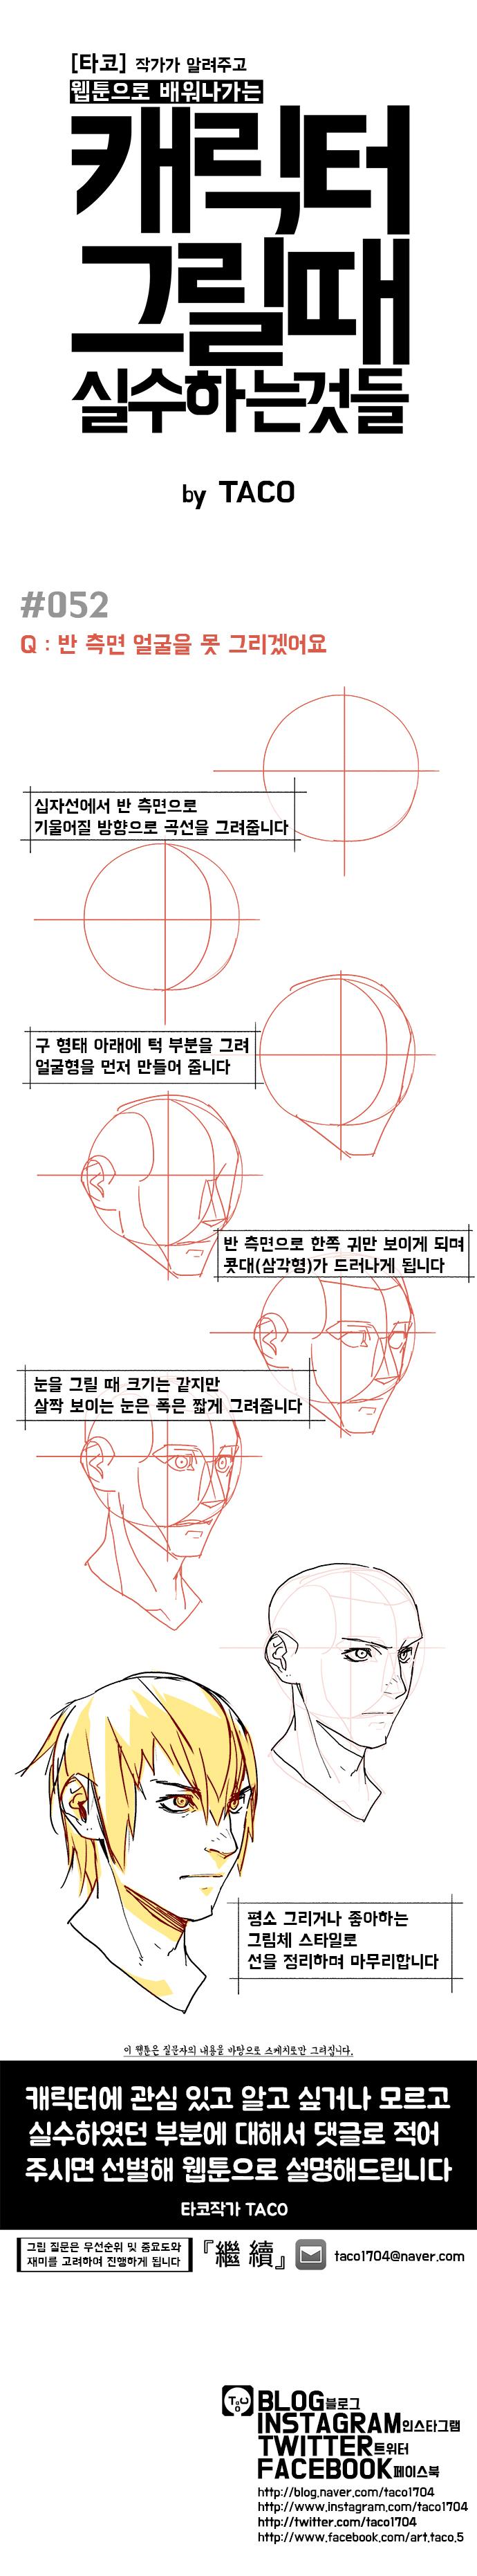 comic content | anime | Pinterest | Anatomía, Dibujo y Dibujar